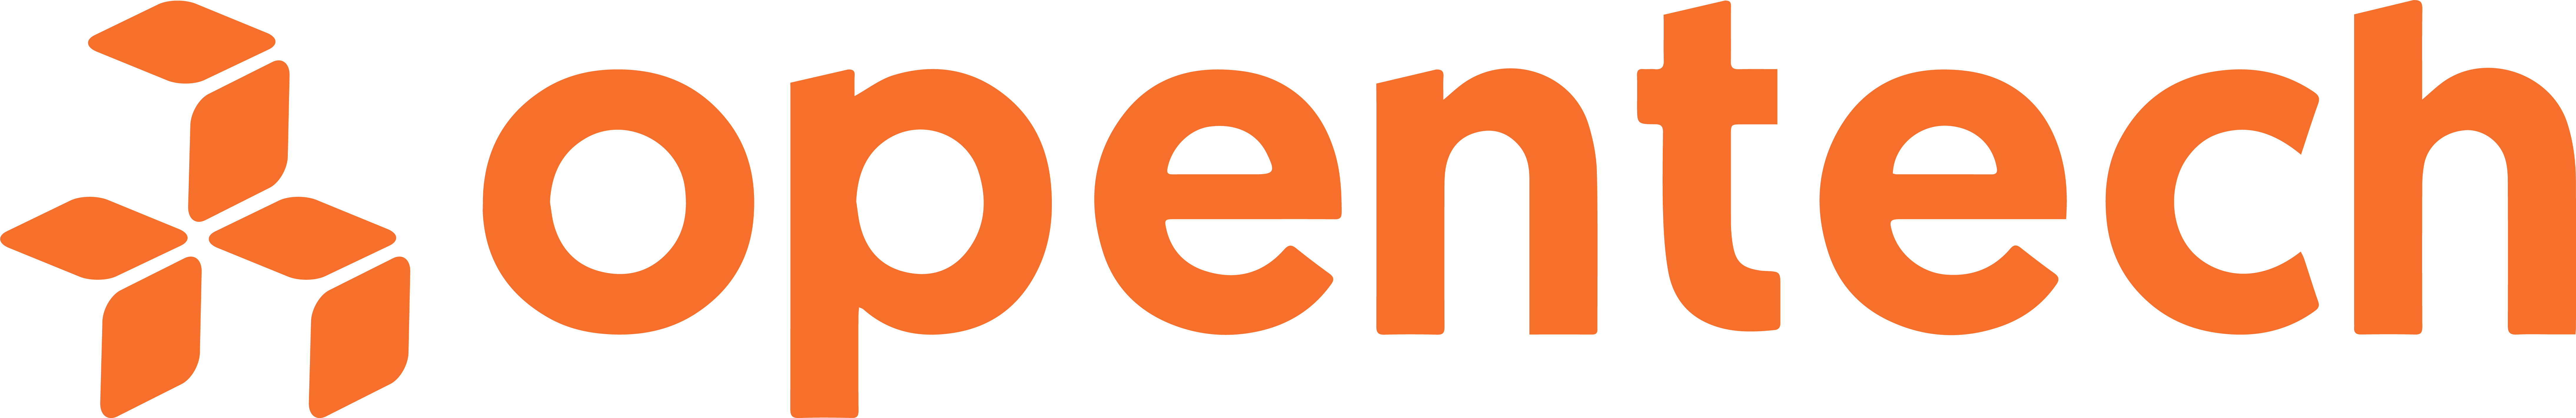 logo da empresa opentech